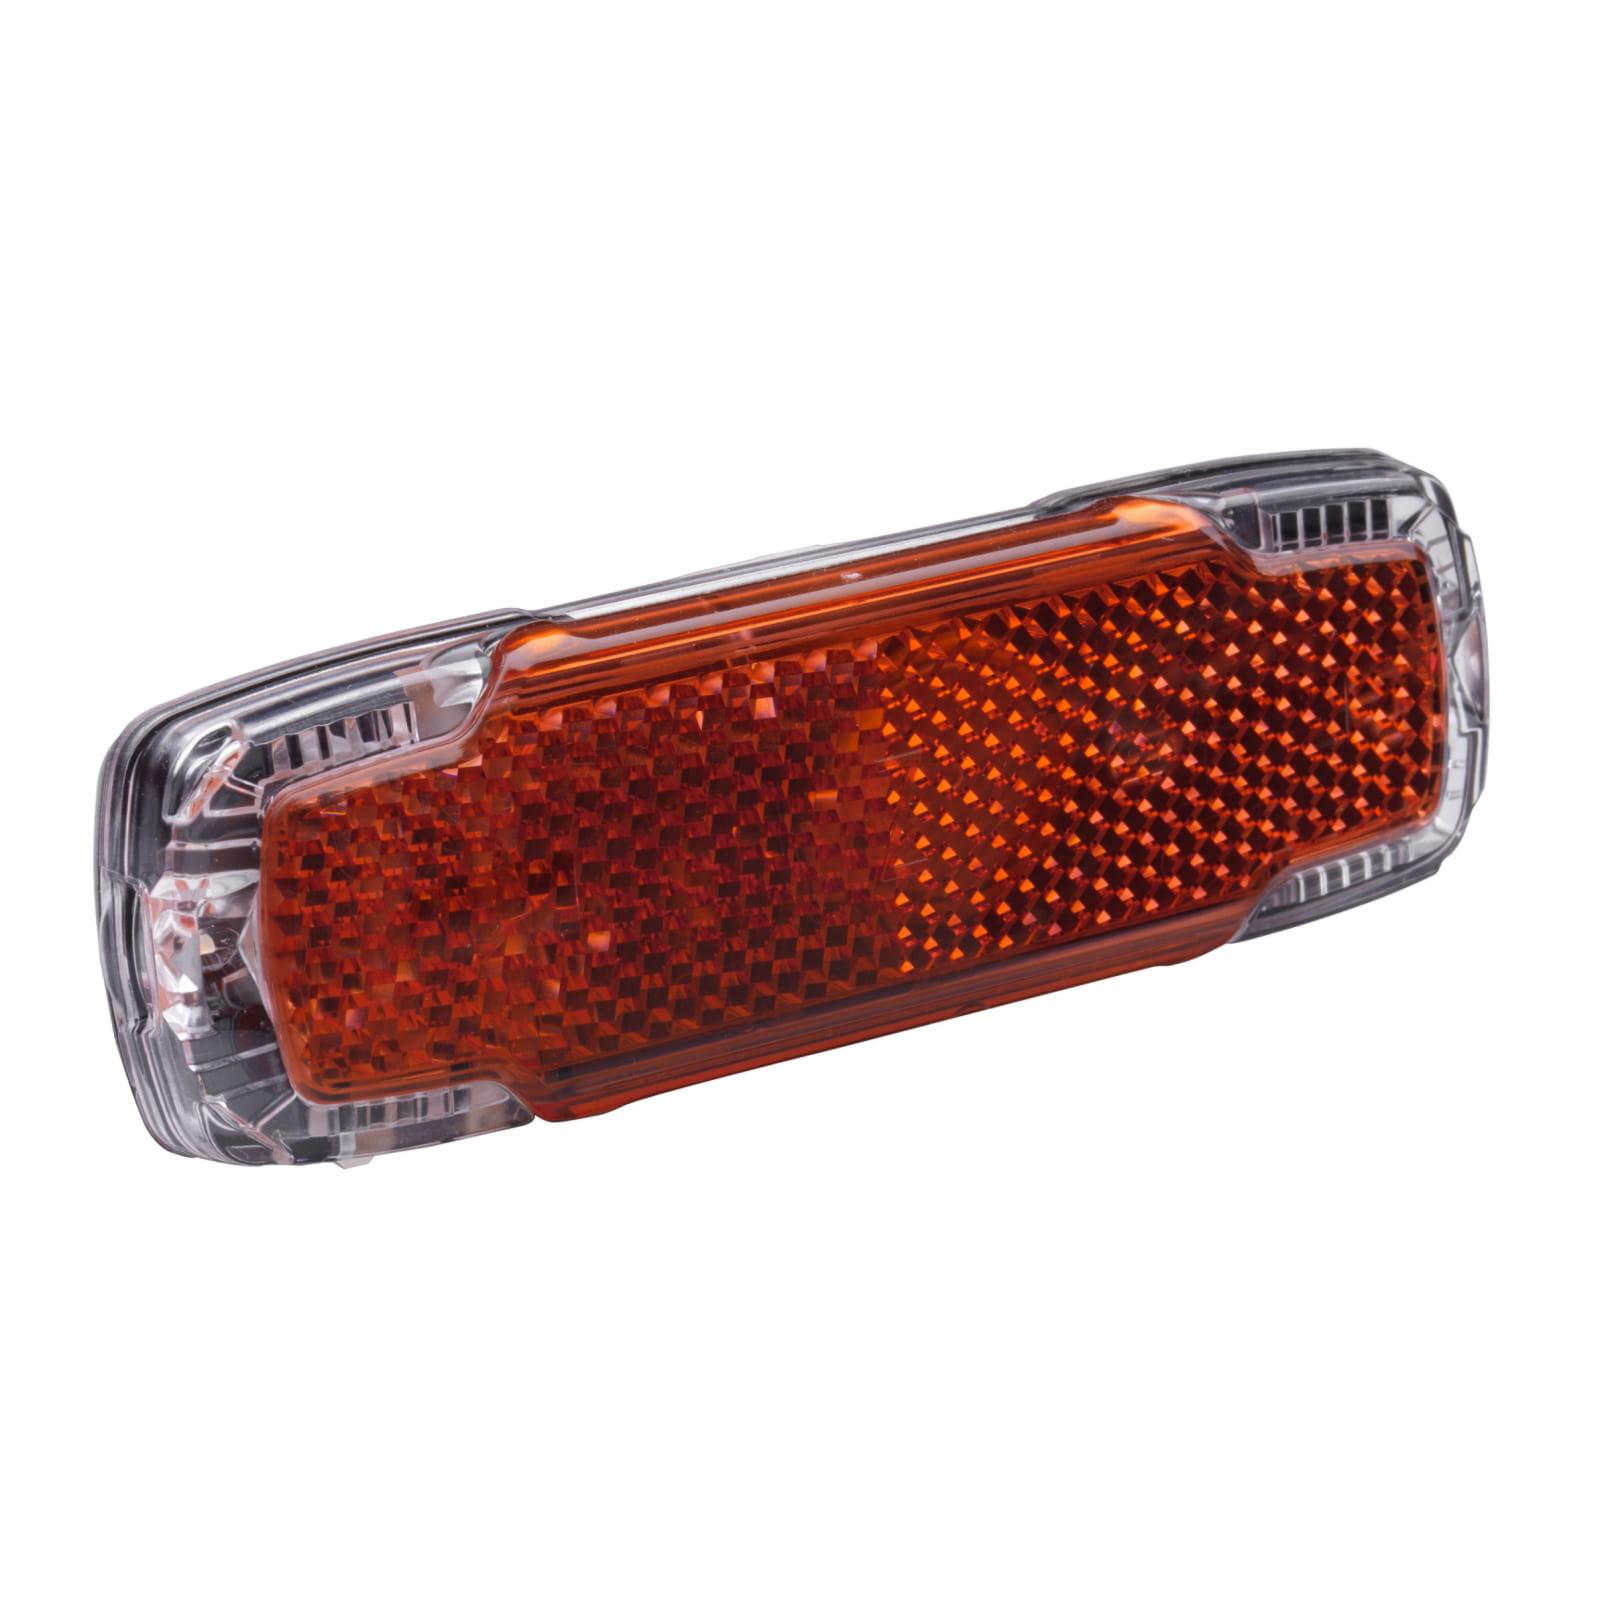 Busch /& Müller Toplight 2C Plus LED Rücklicht